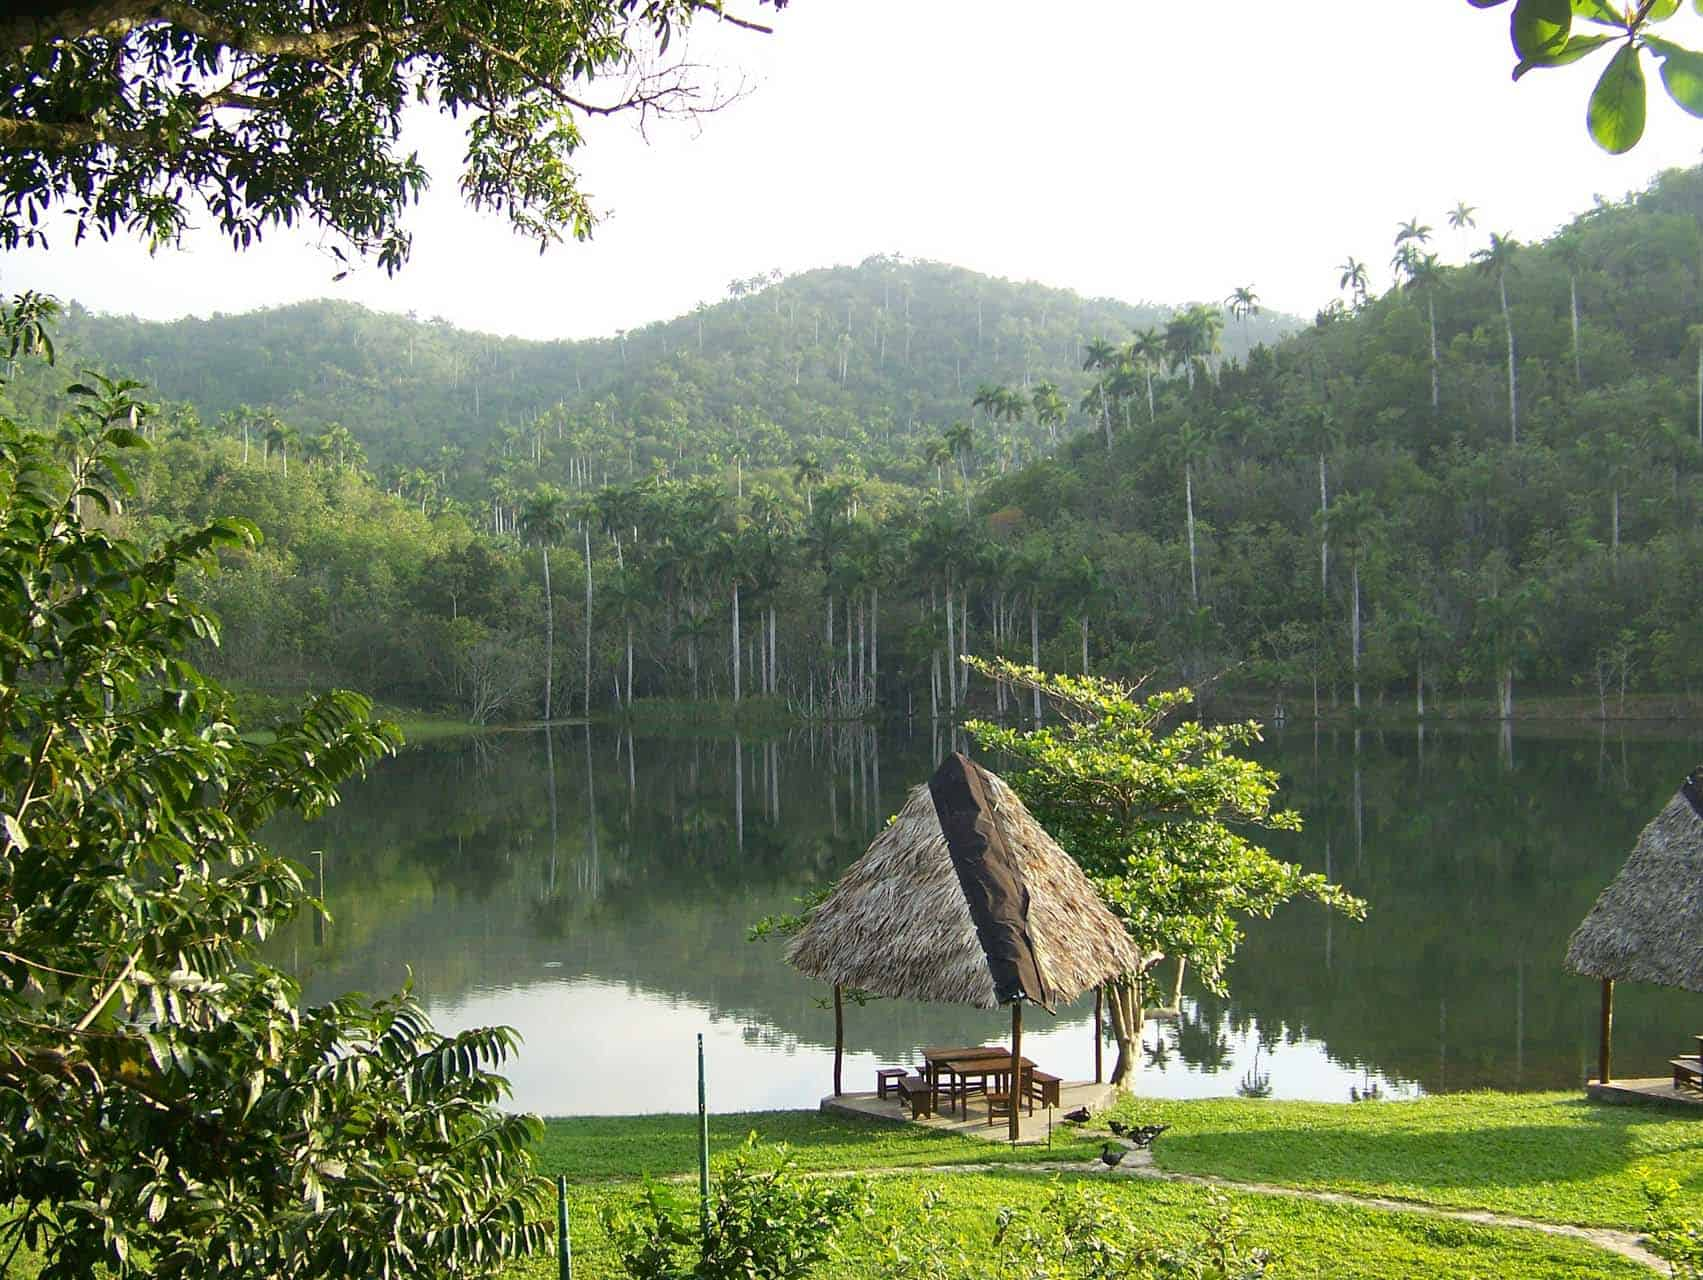 las terrazas paysage lac cuba autrement 2